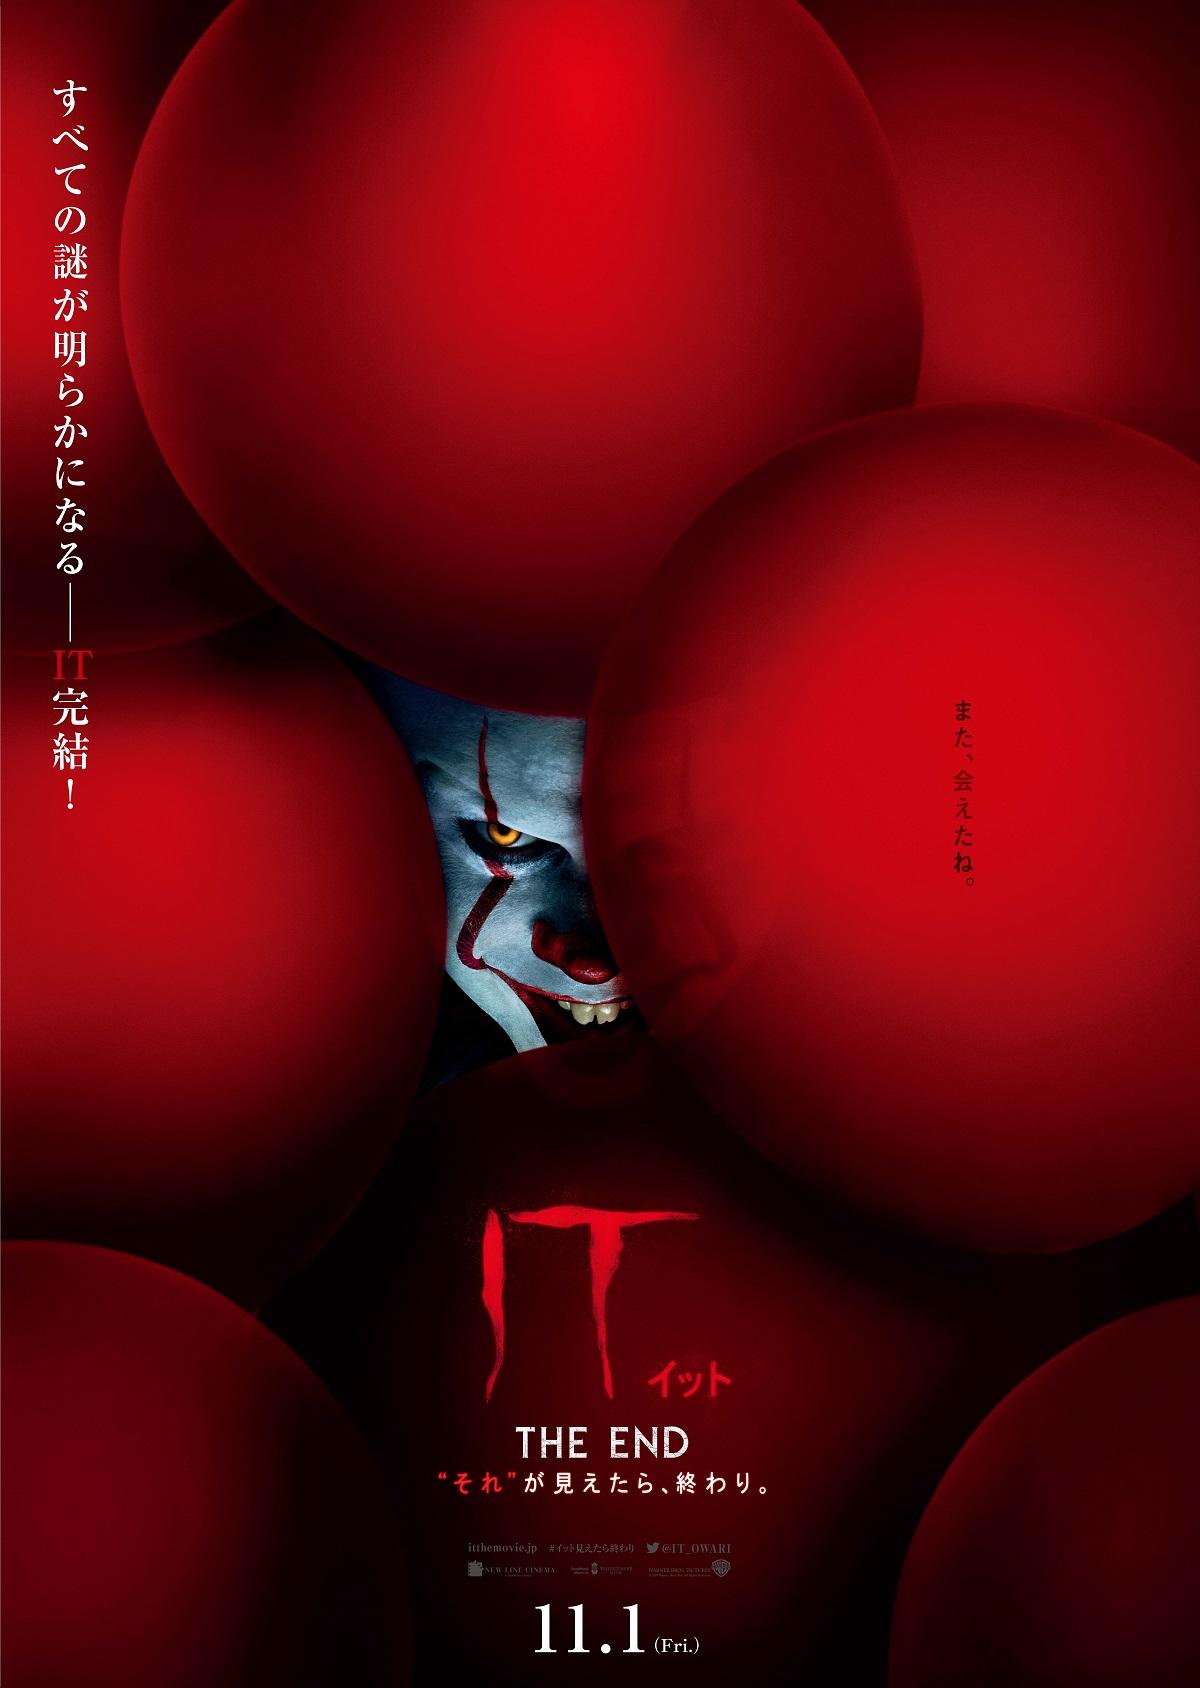 IT THE ENDのポスター